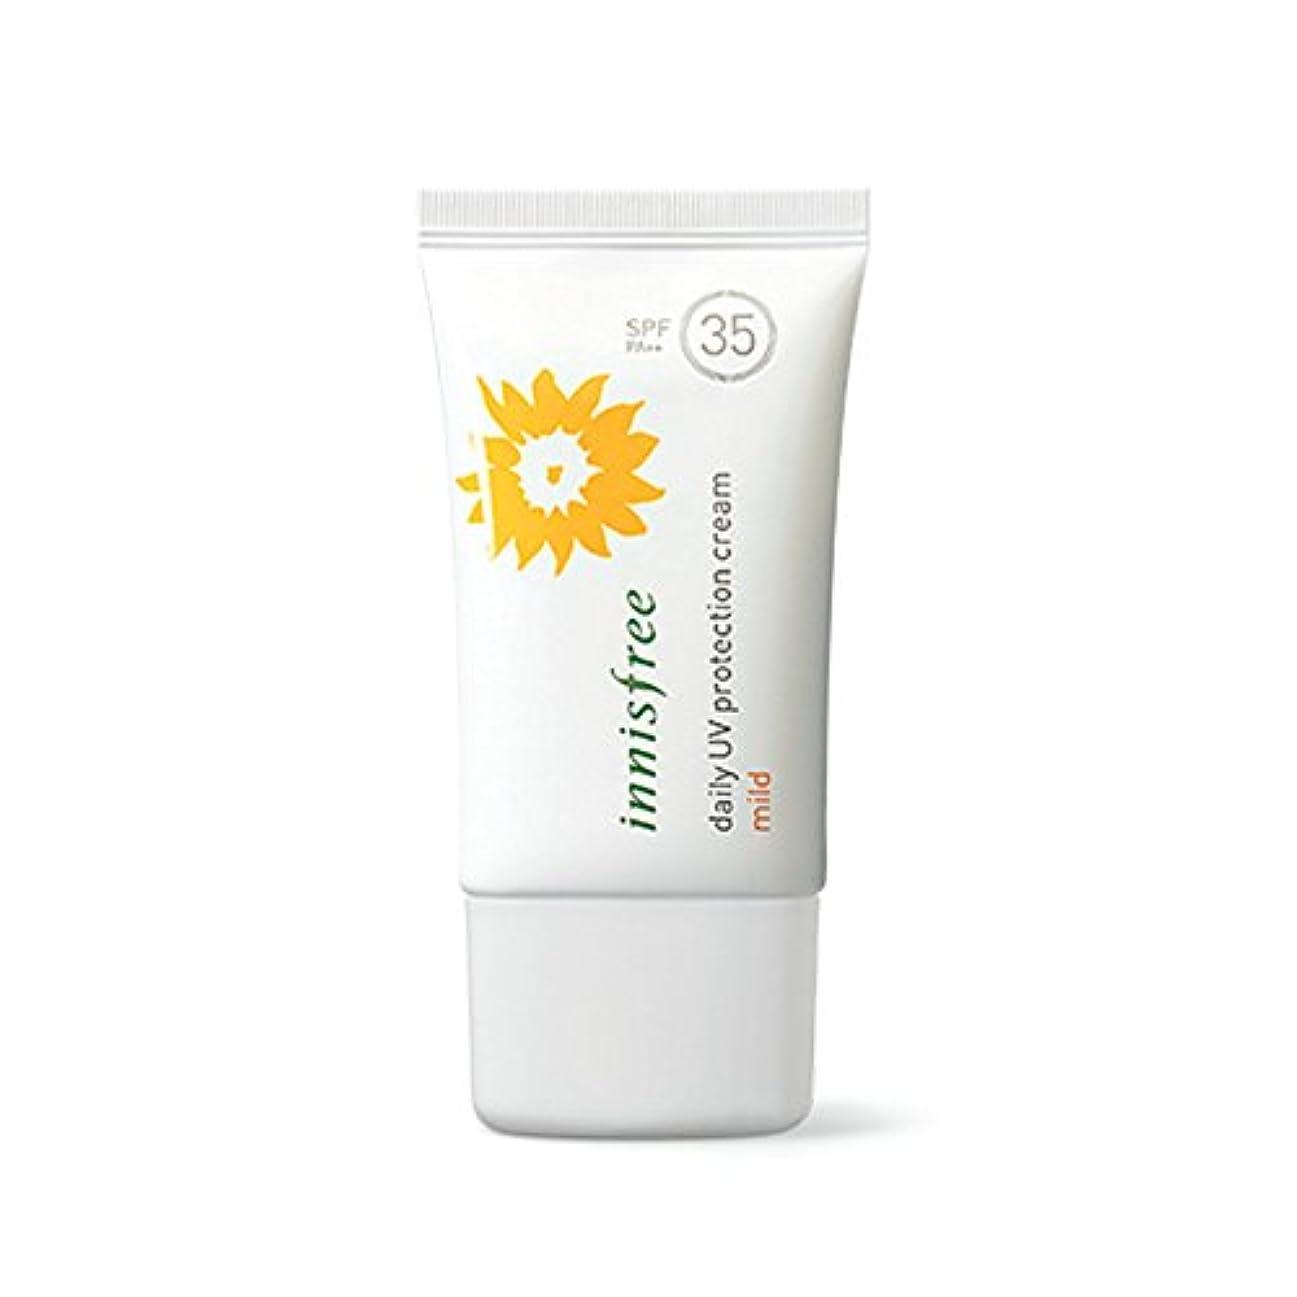 ポップ最悪自分イニスフリーデイリーUVプロテクションクリーム50mlマイルドSPF35 + PA ++ Innisfree Daily UV Protection Cream 50ml Mild SPF35+ PA++ [海外直送品]...